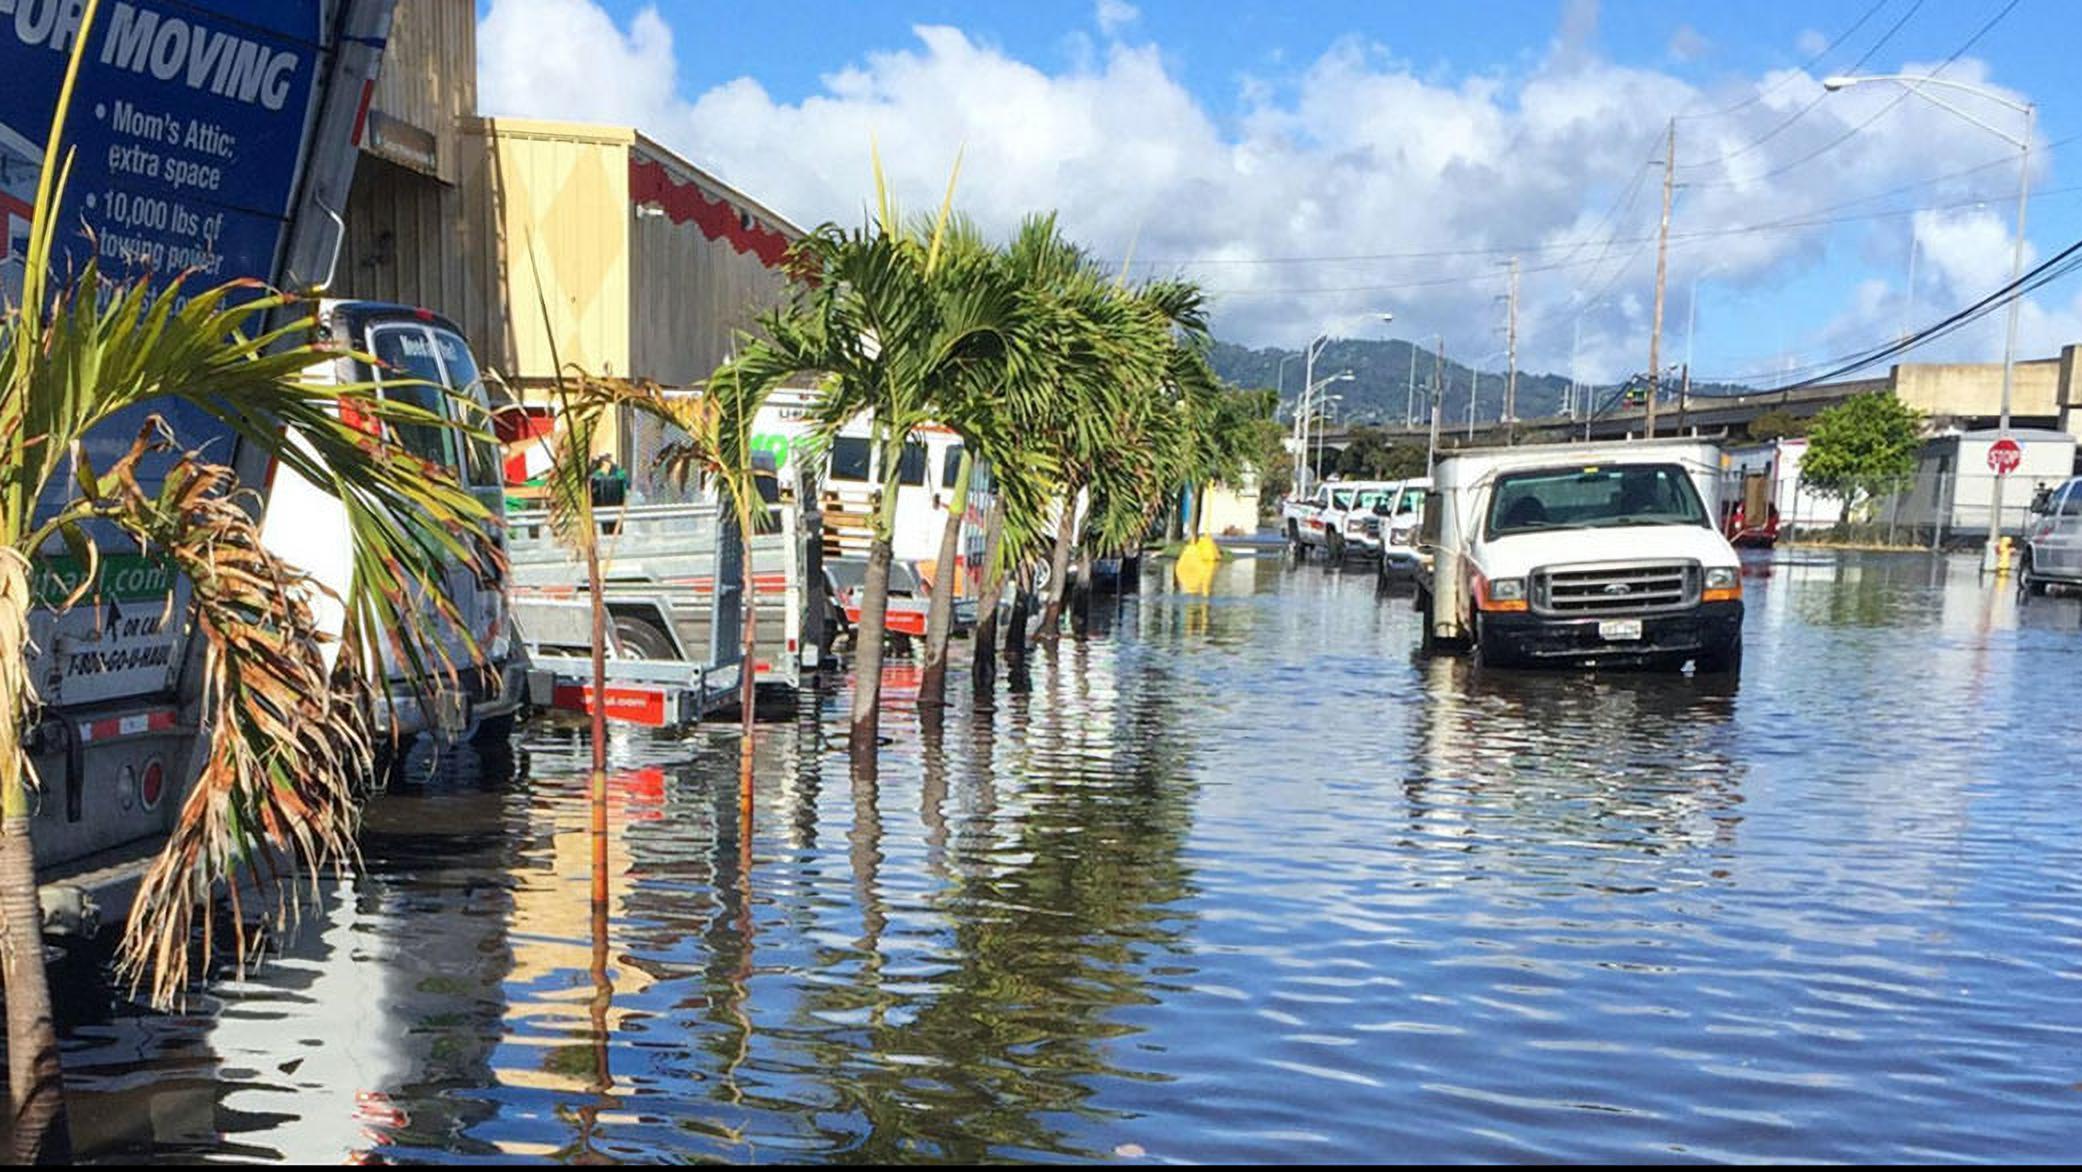 Inundações são comuns em zonas costeiras dos EUA. Fenômenos como El Niño geram elação das marés